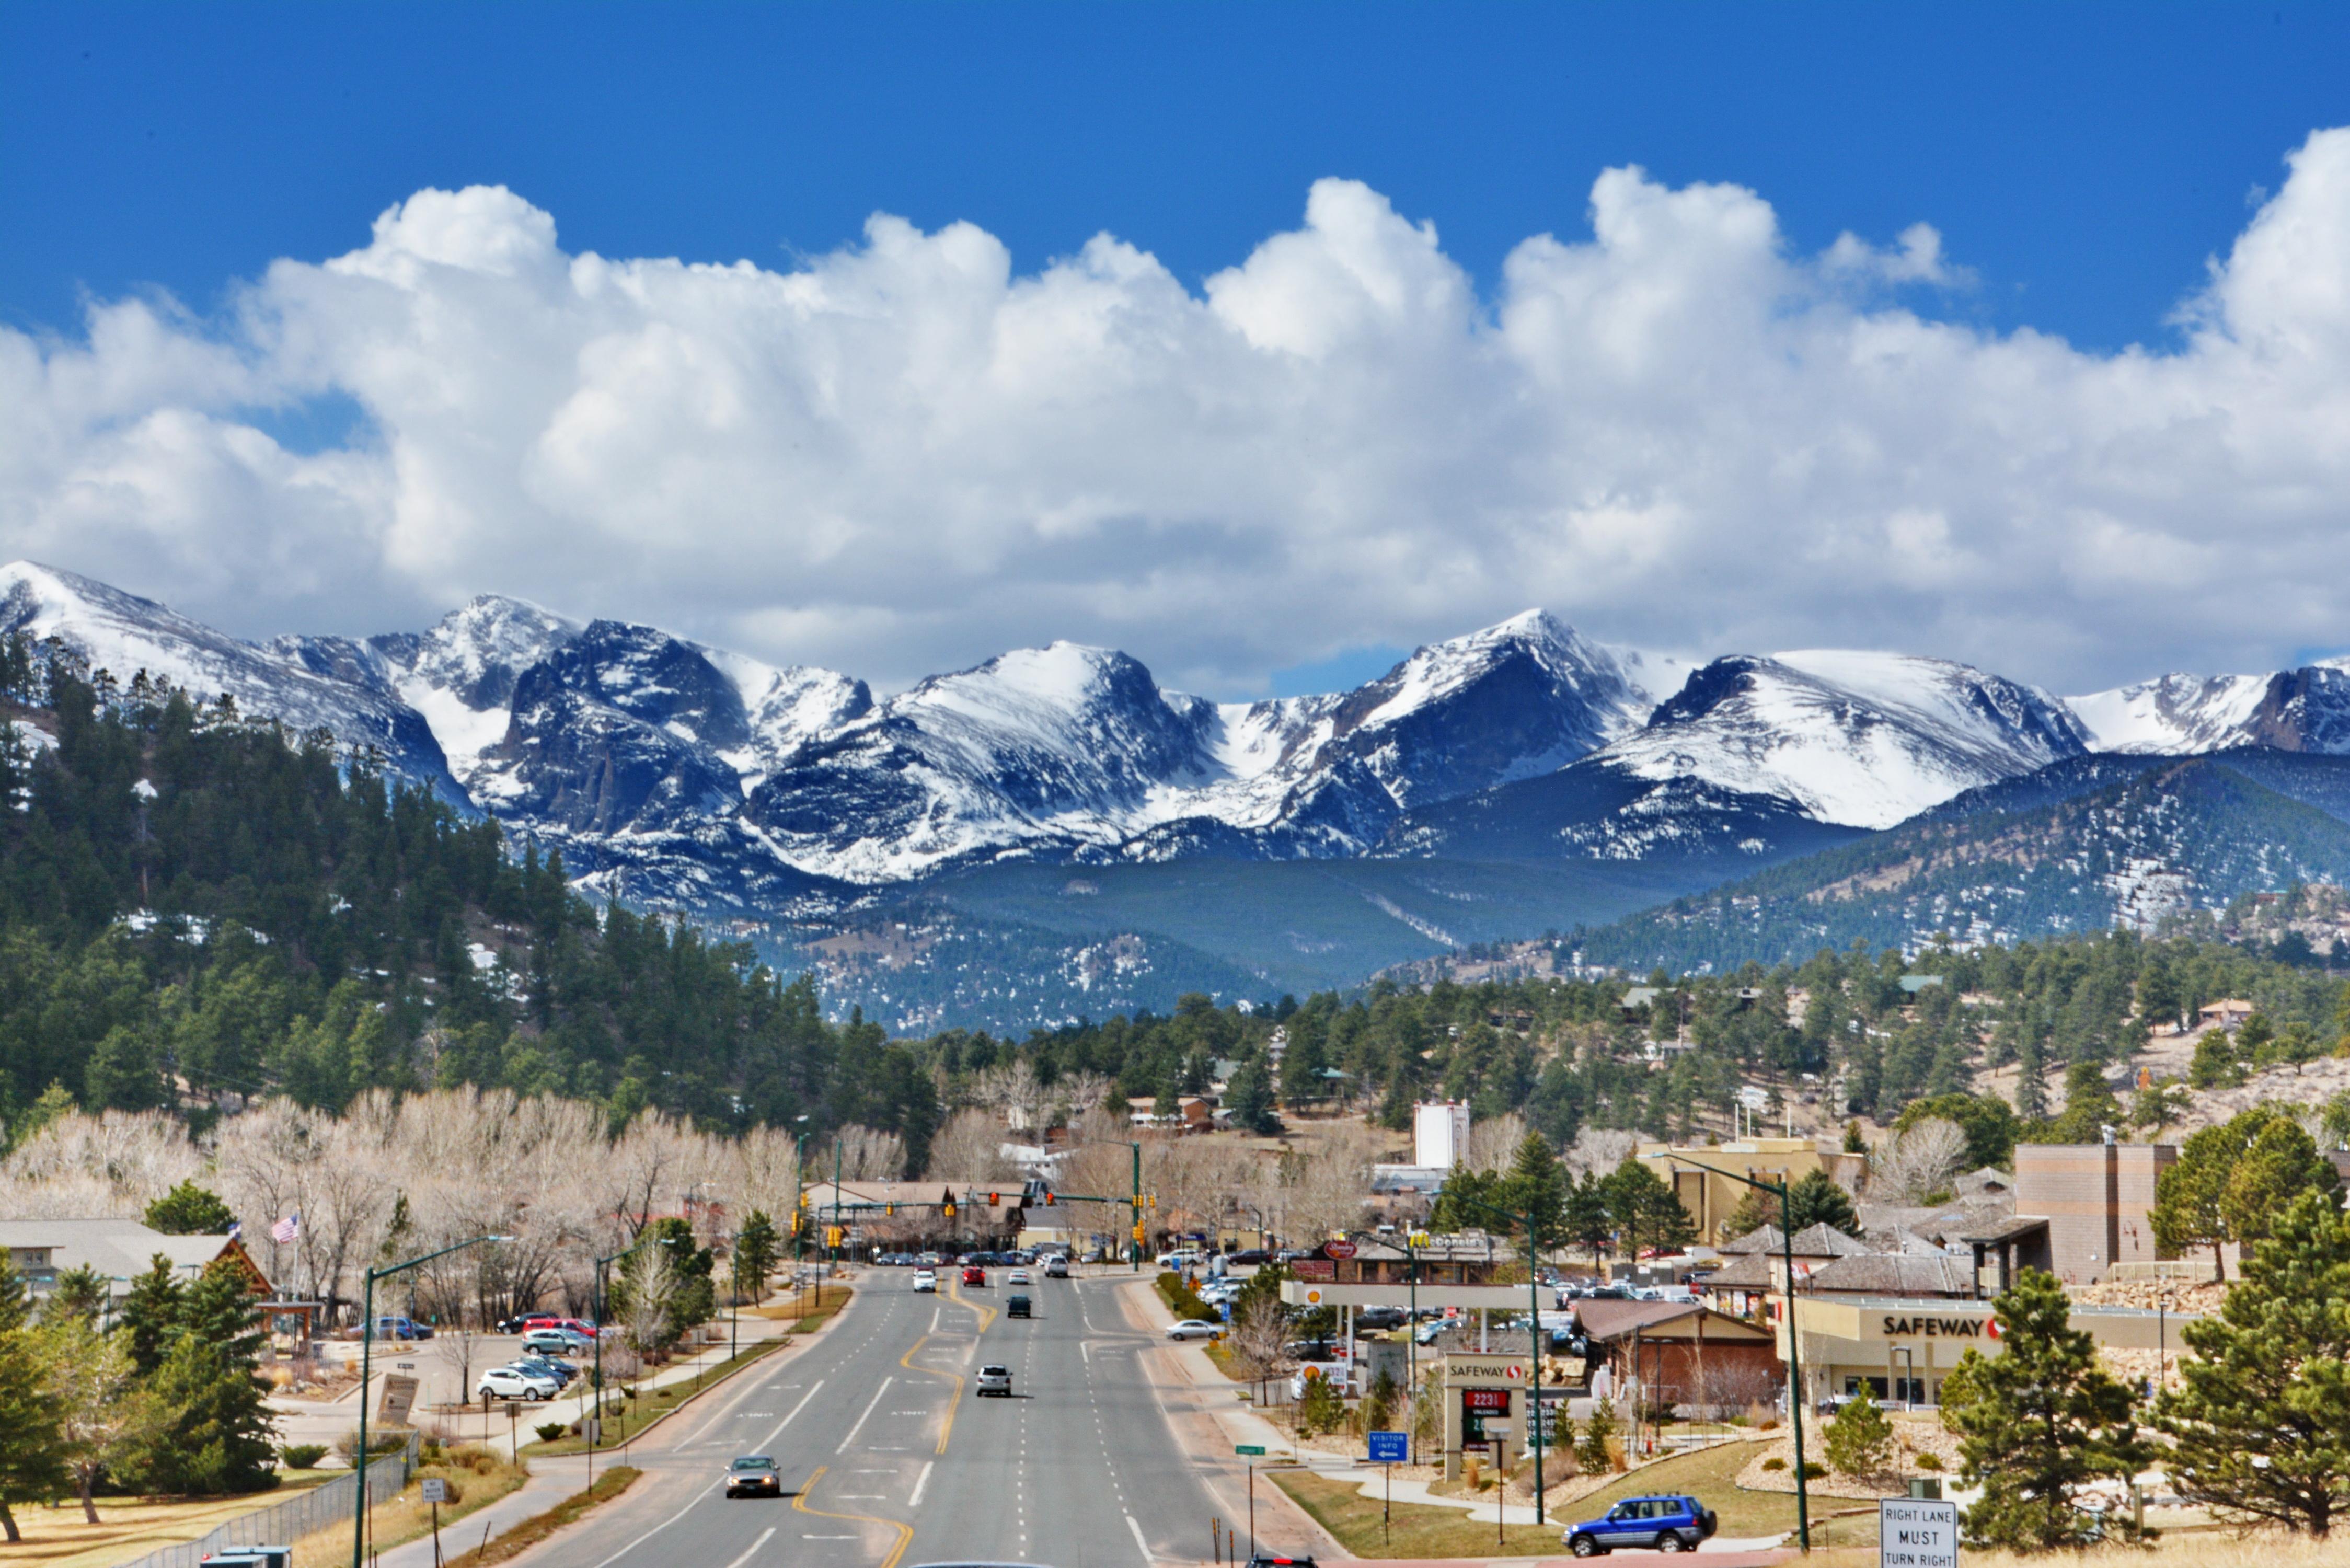 Town of Estes